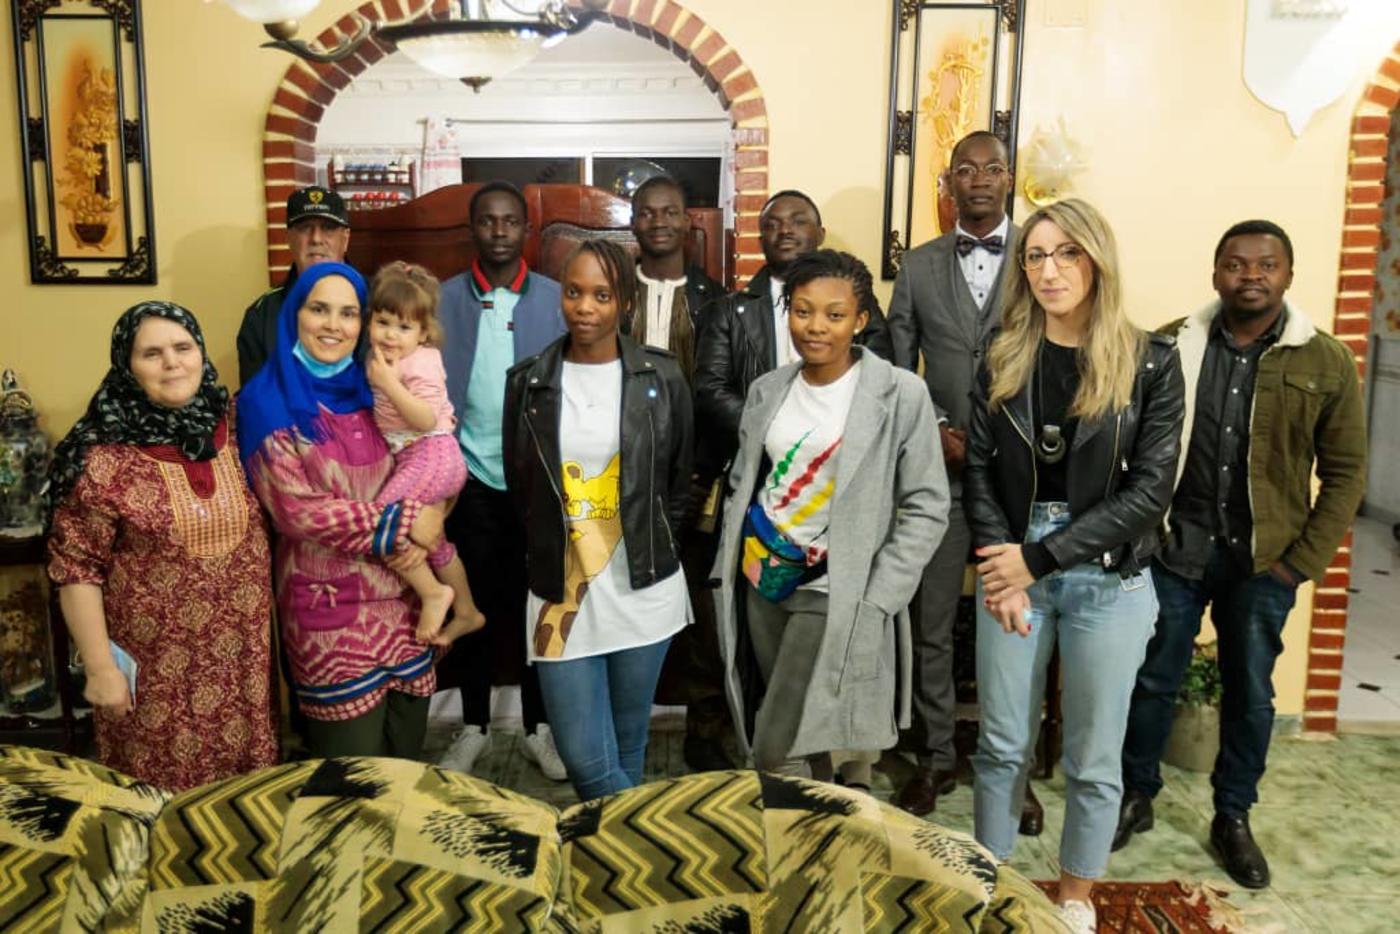 Après le Ramadan, le président de Cadenkoso projette d'organiser une réception qui réunira les familles et étudiants ayant participé à cette initiative (avec l'aimable autorisation de F'tour en familles)